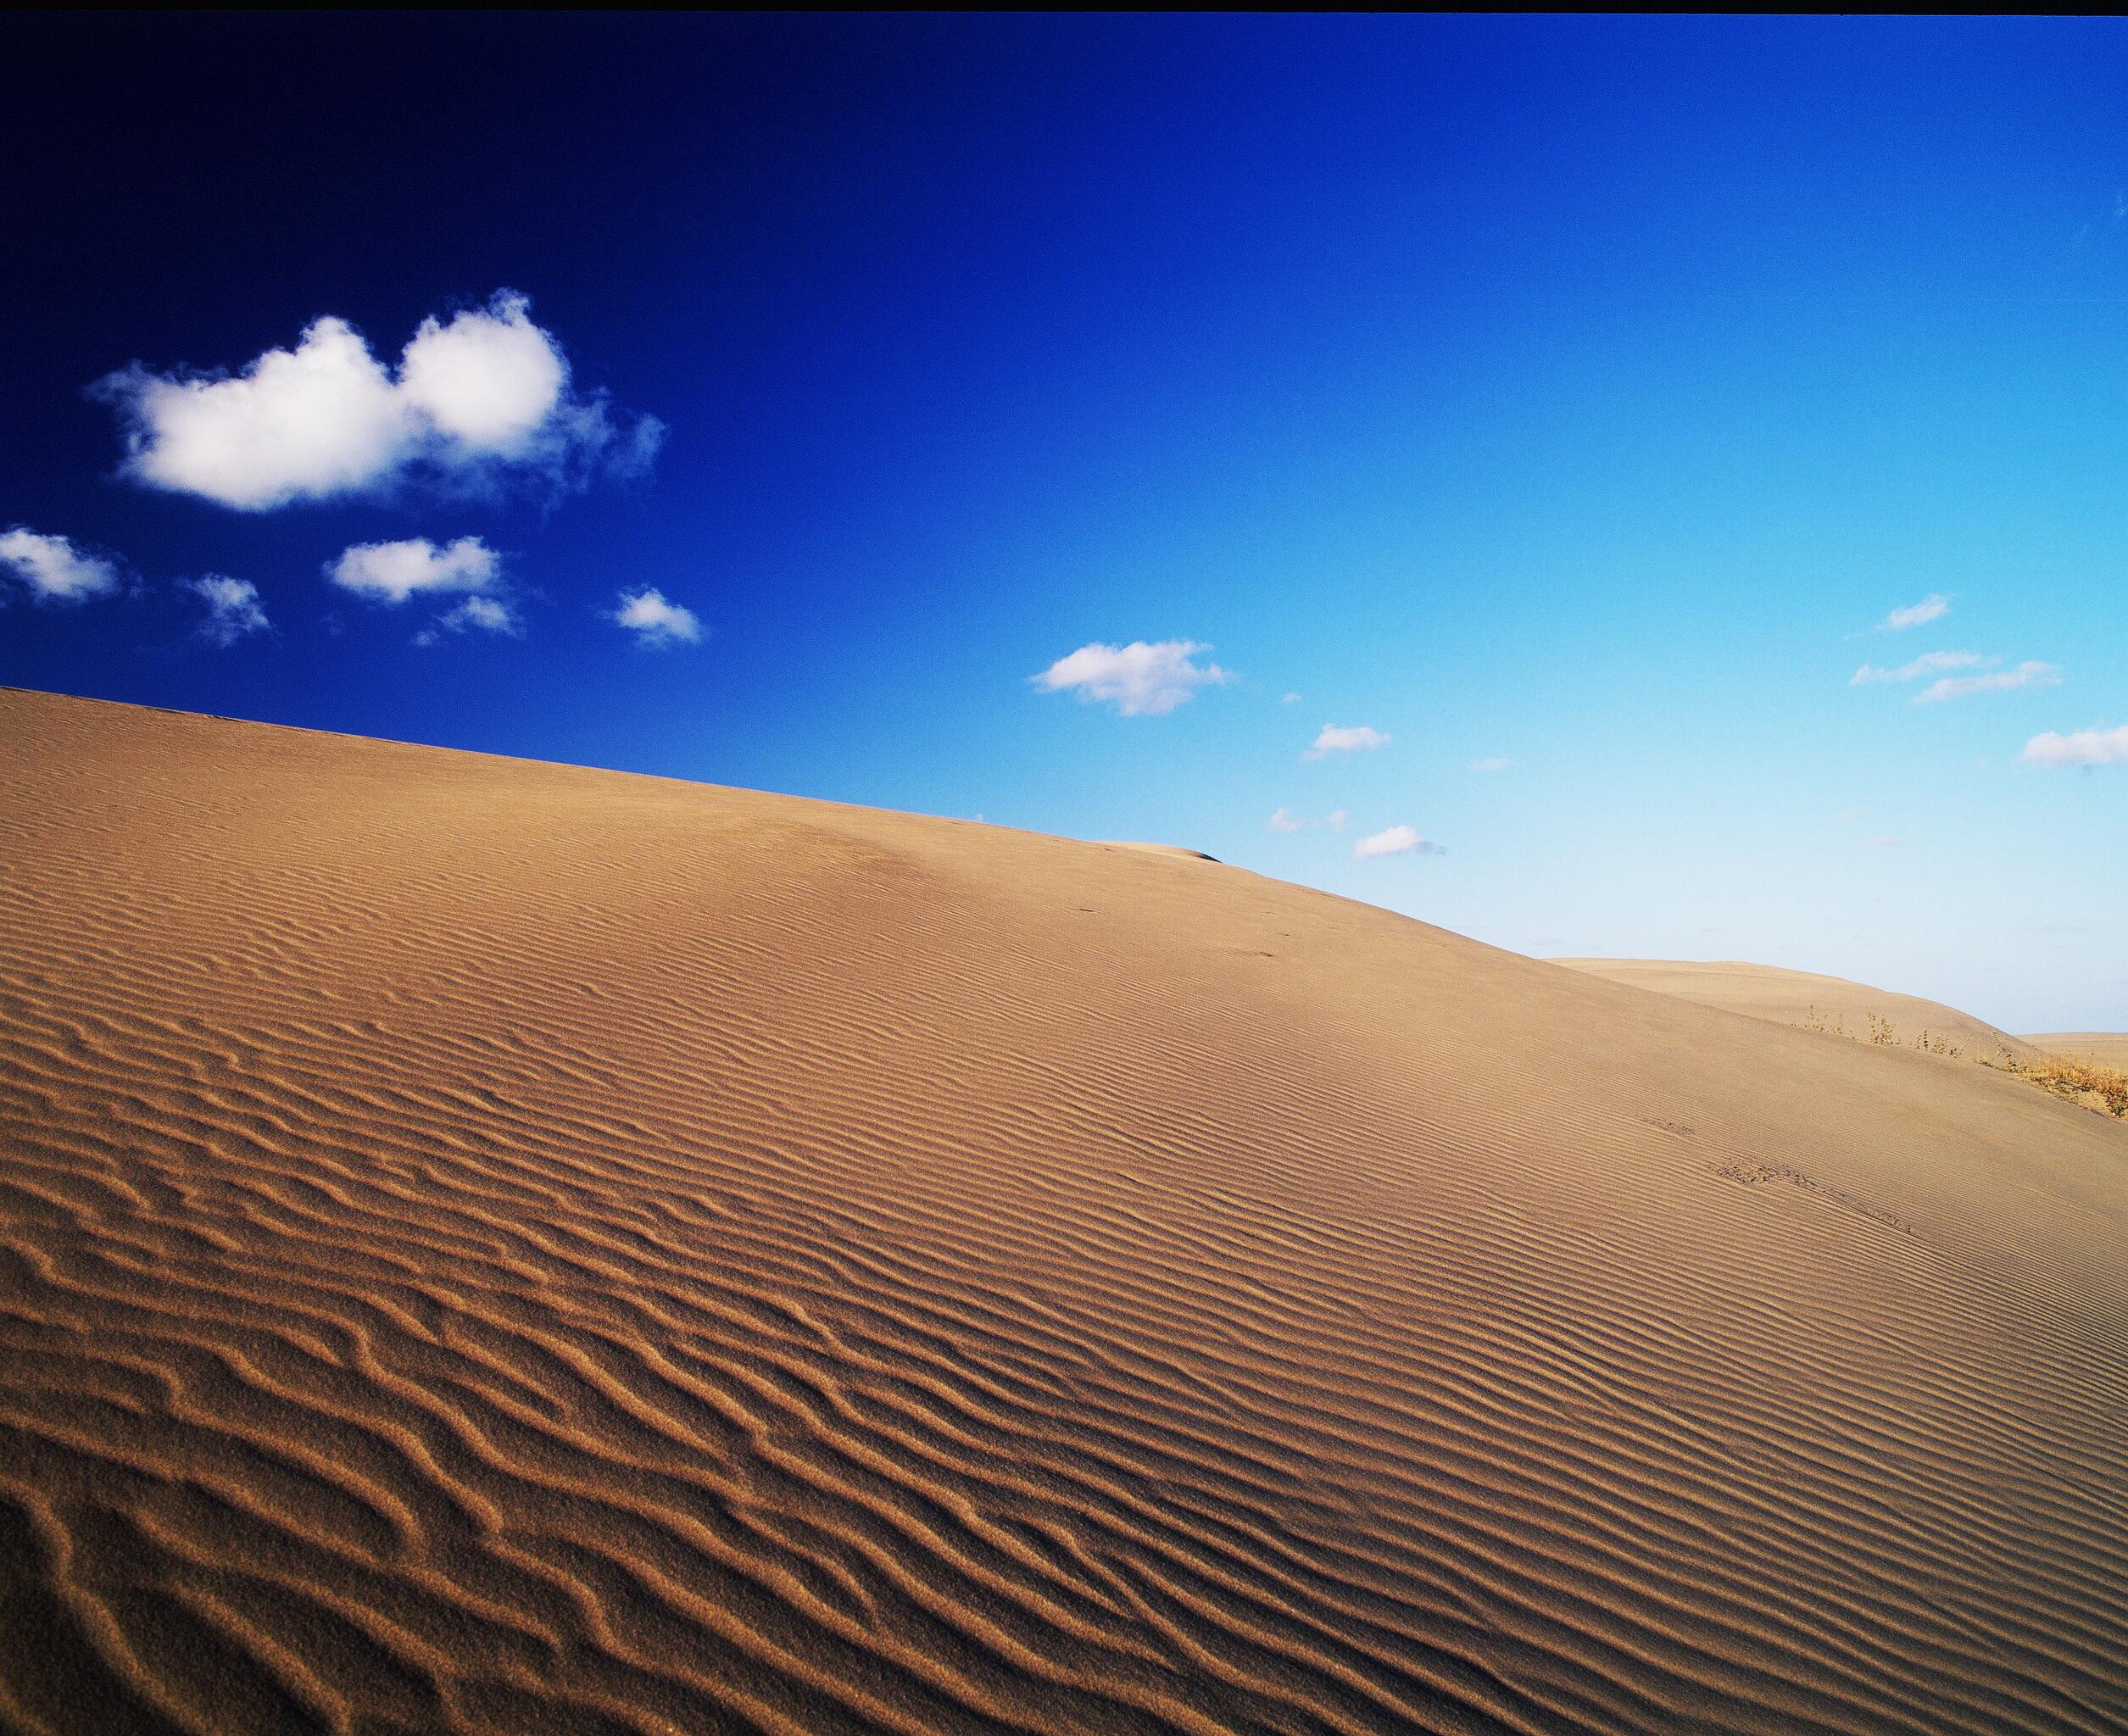 砂丘アクティビティで大地を感じる!鳥取市の外さない観光スポット・体験情報をご紹介!